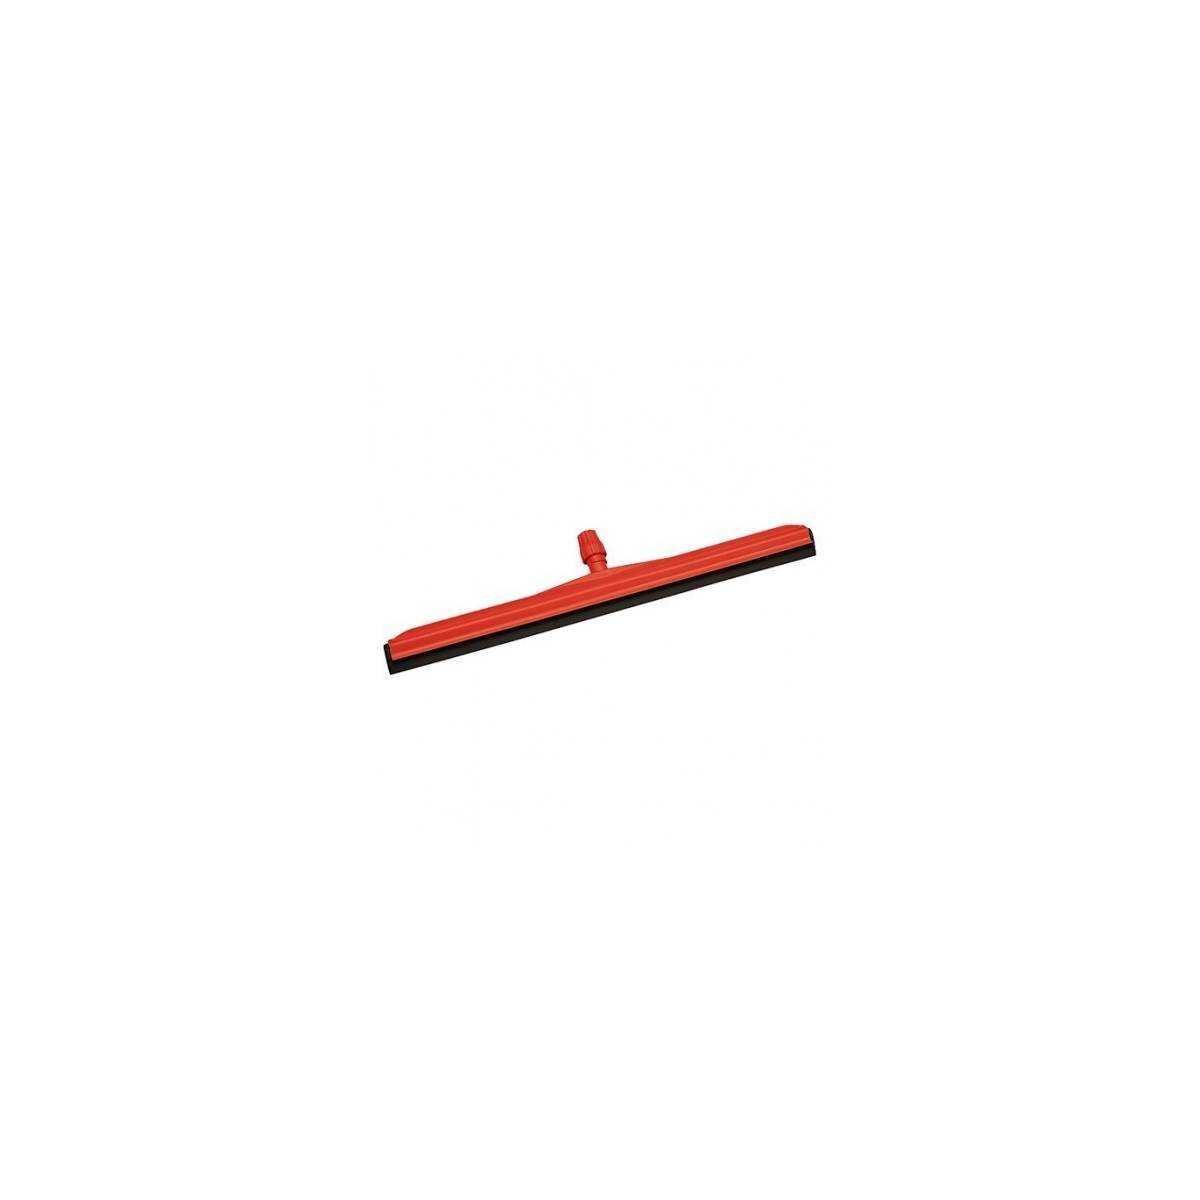 Скребок для сгона воды с пола полипропиленовый 55см (Красного цвета) 00008657 TTS